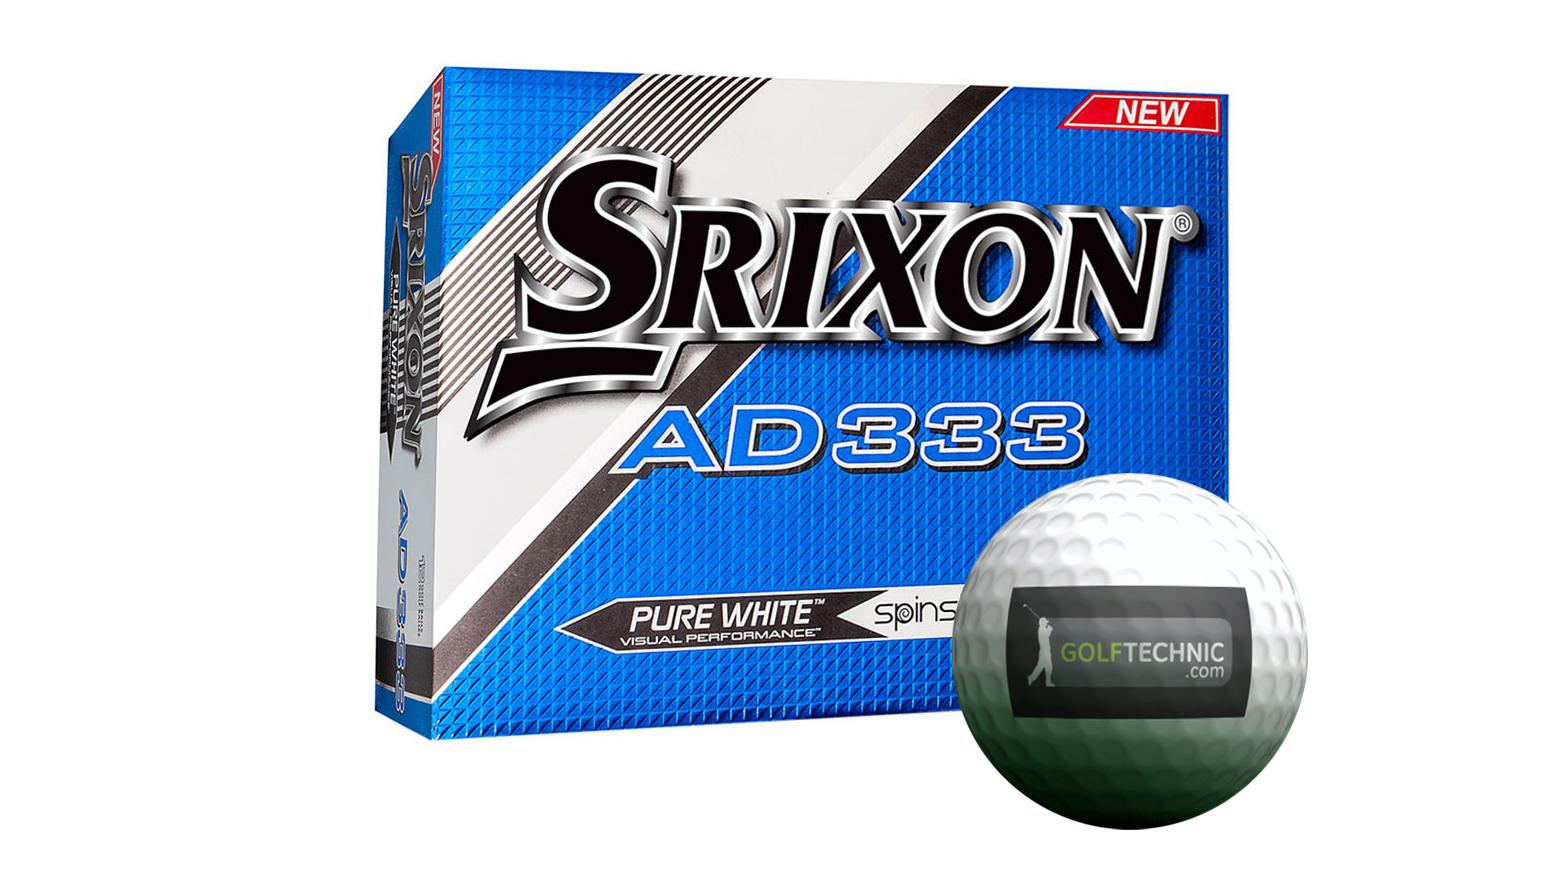 Balles de golf Srixon AD 333